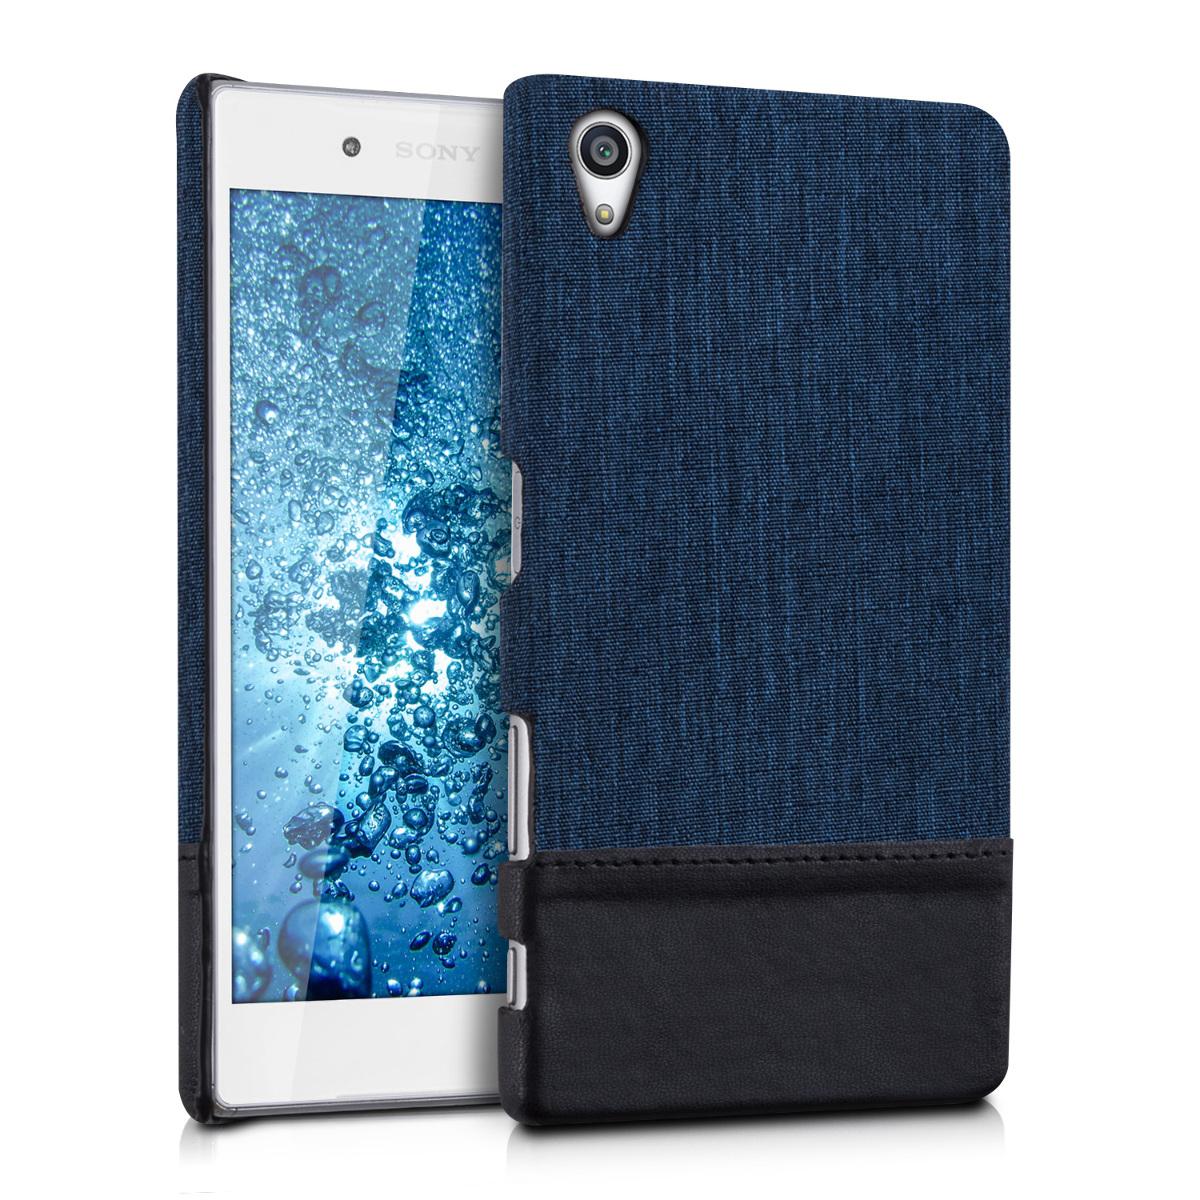 Textilní látkové pouzdro | obal pro Sony Xperia Z5 - tmavé modré / černé